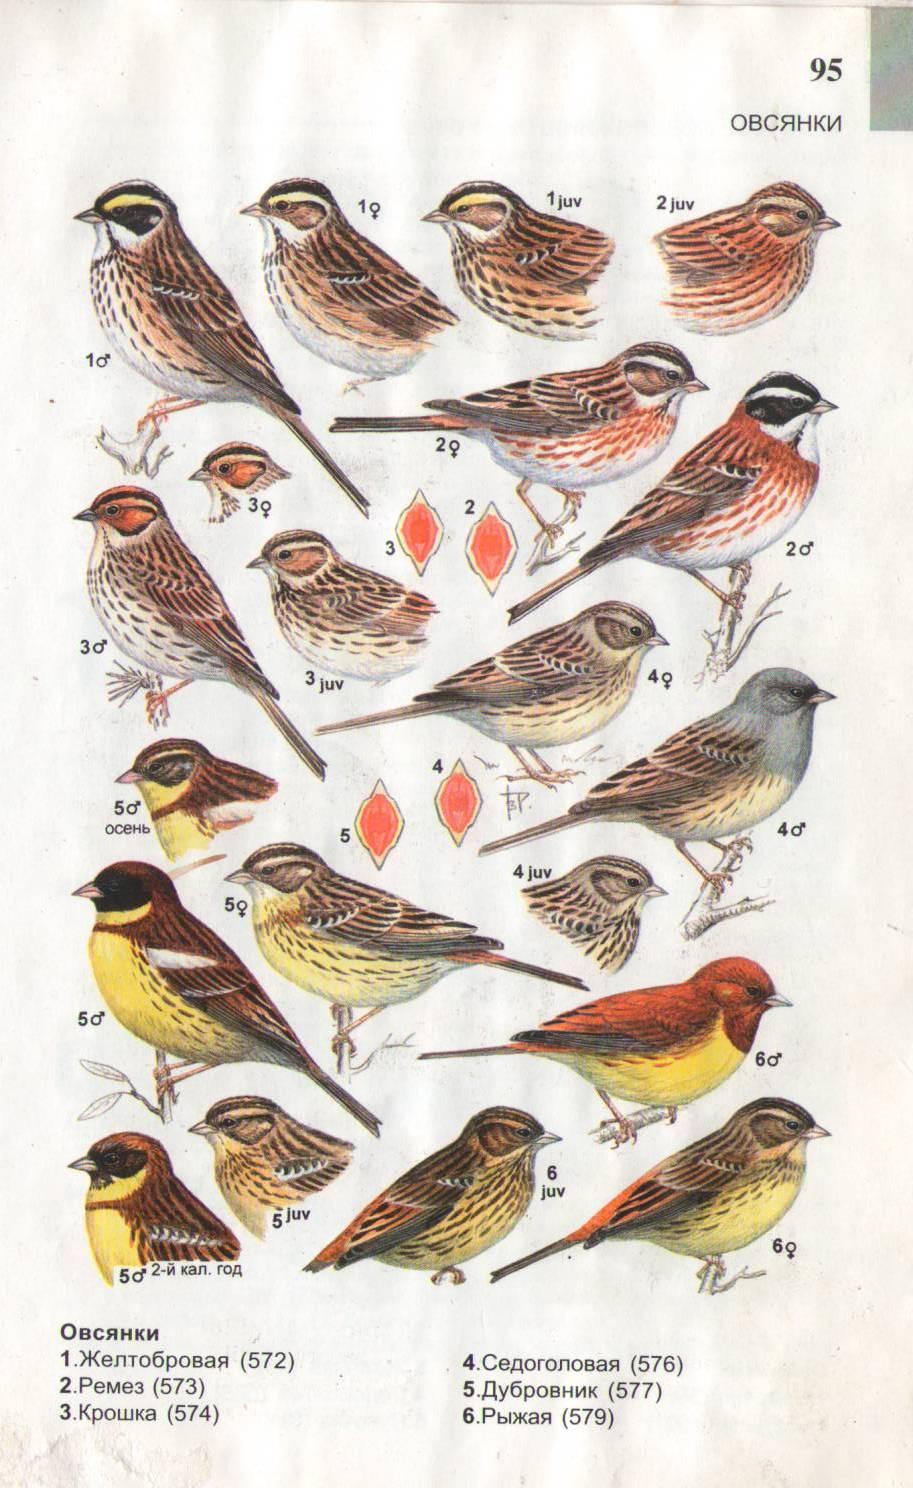 зимних птиц с названиями